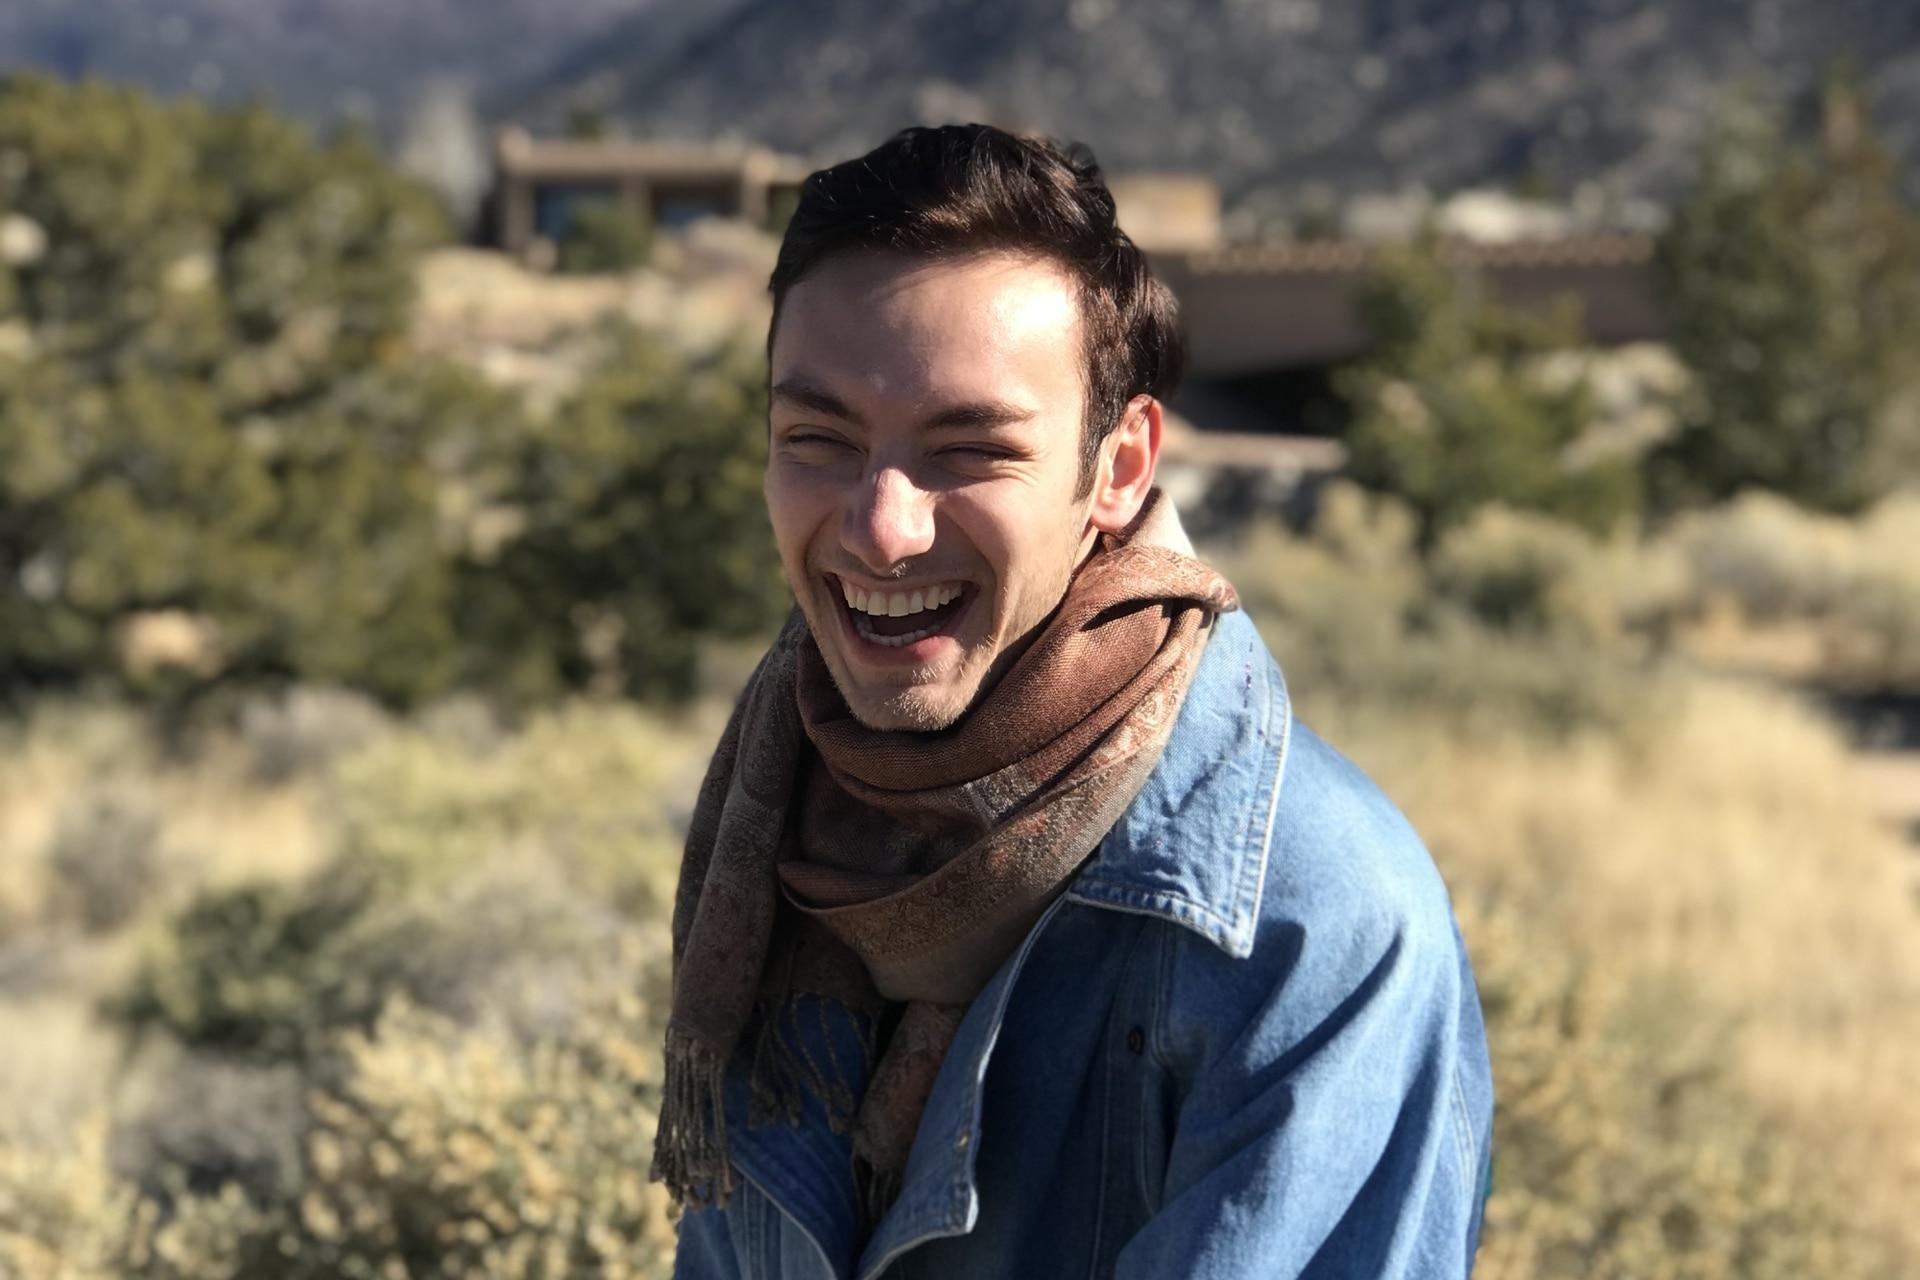 Aaron en Nuevo México